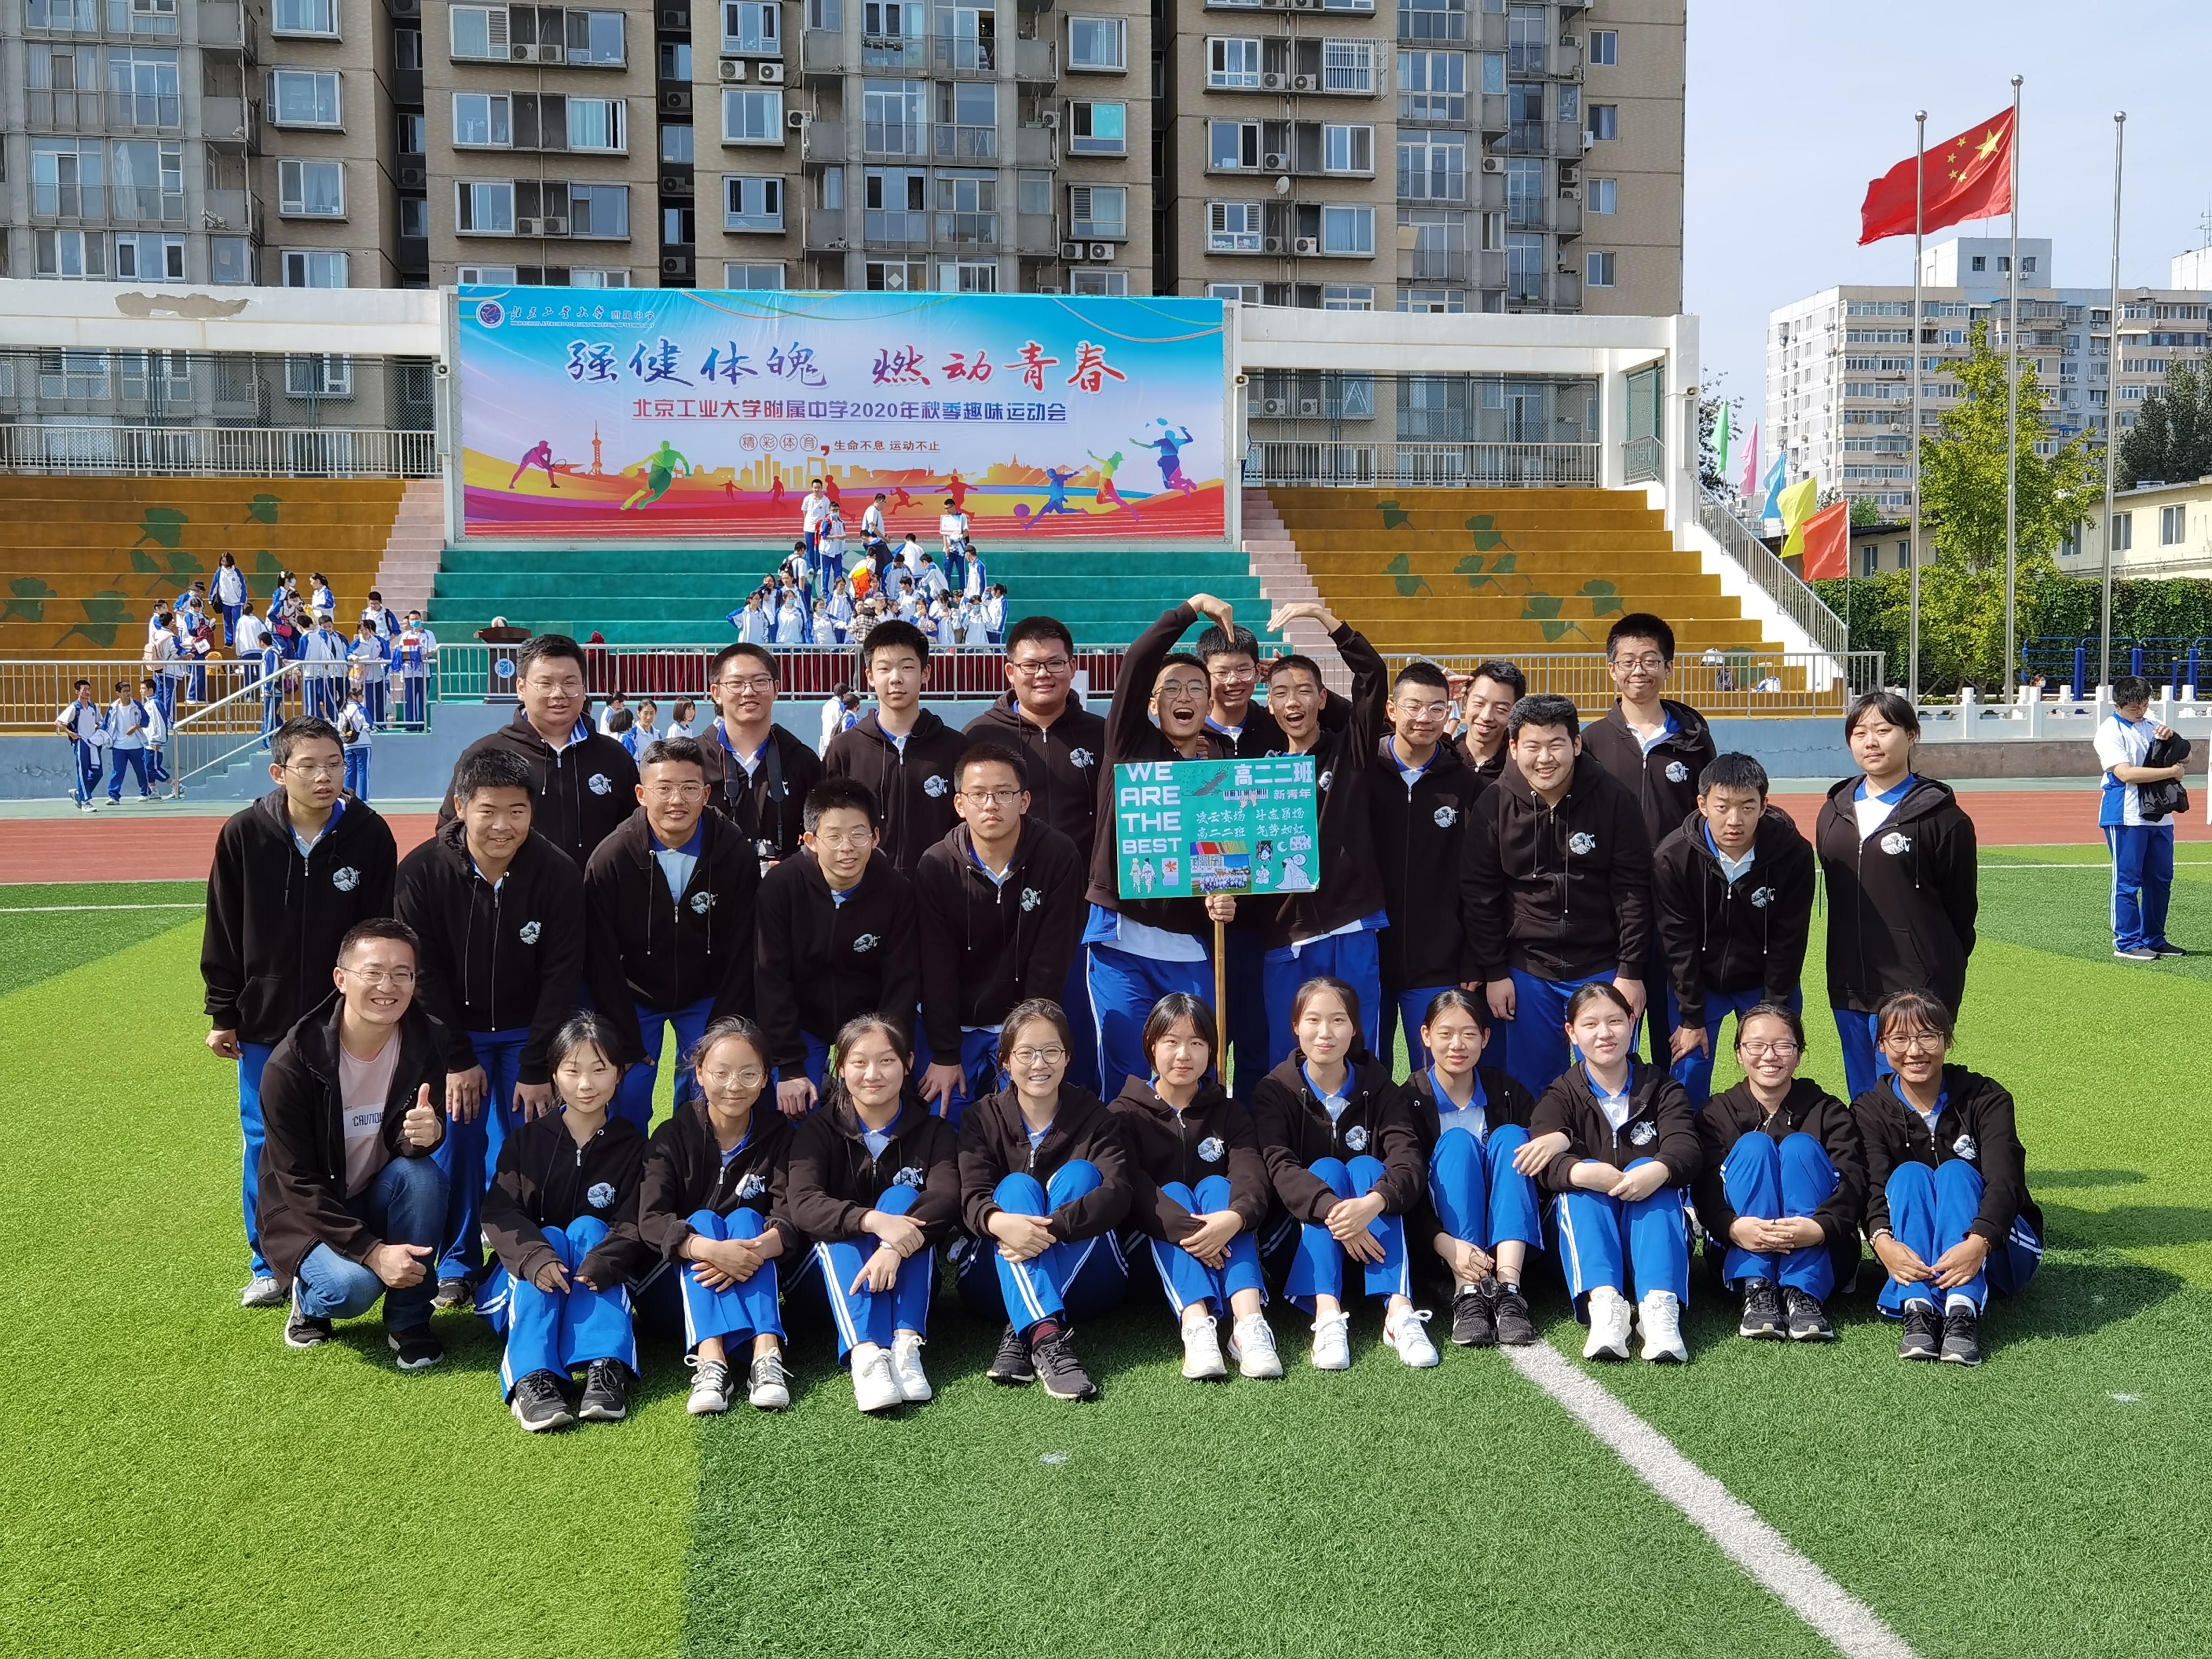 喜报 || 我校教师黄善营荣获北京市中小学紫禁杯优秀班主任荣誉称号